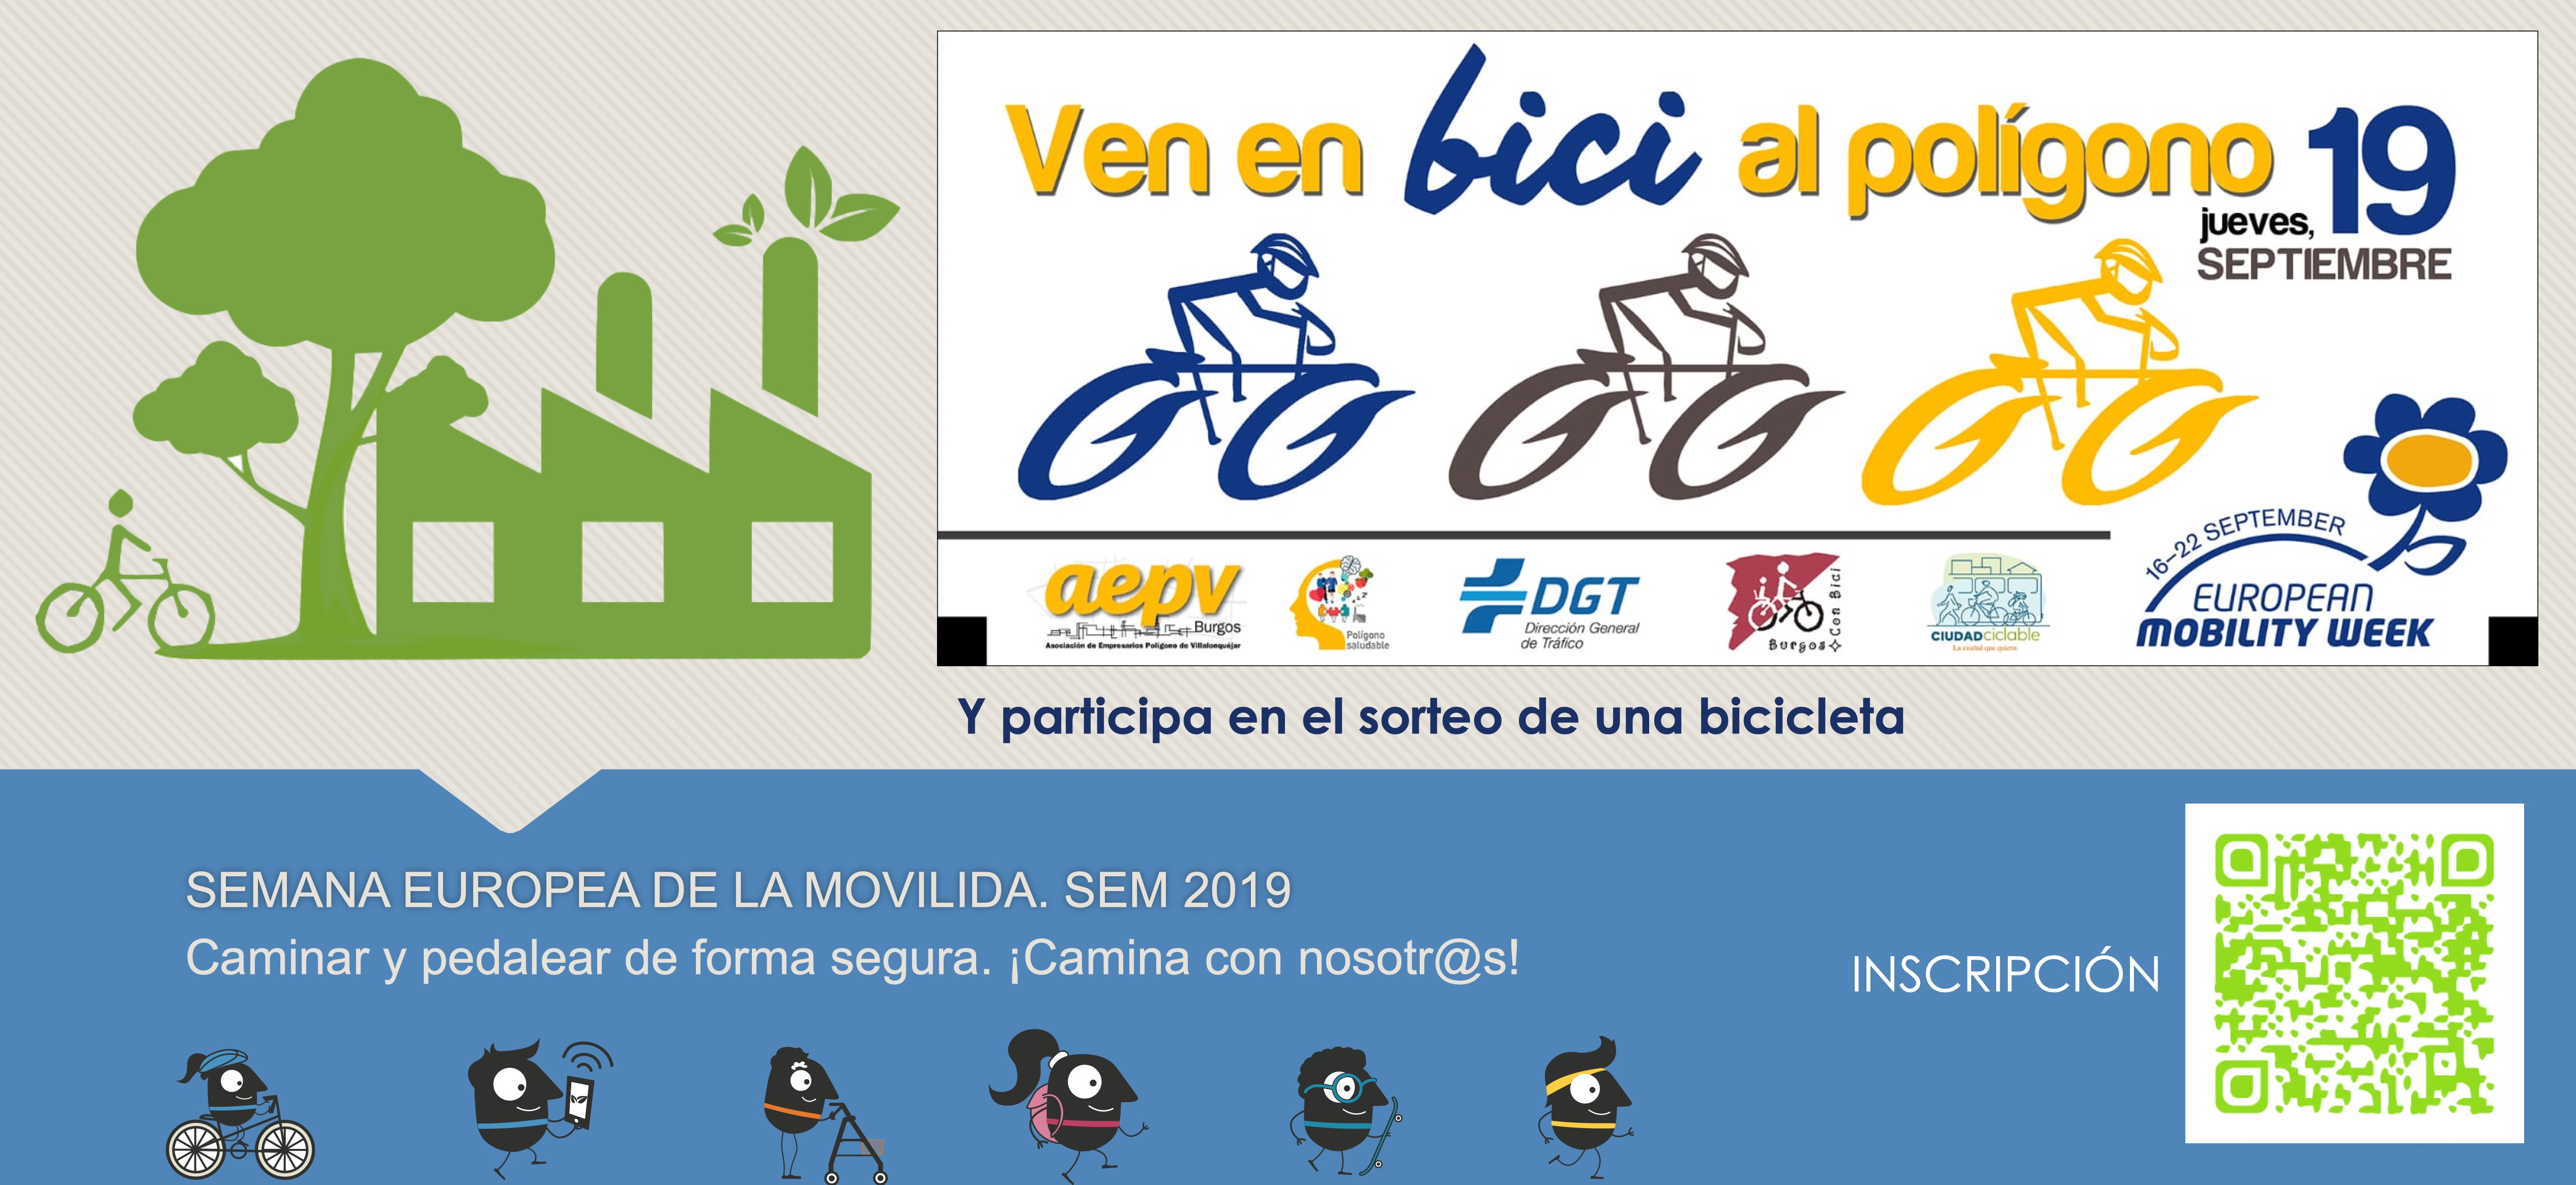 Jueves 19 de septiembre de 2019. Participa en el concurso de una bicicleta.